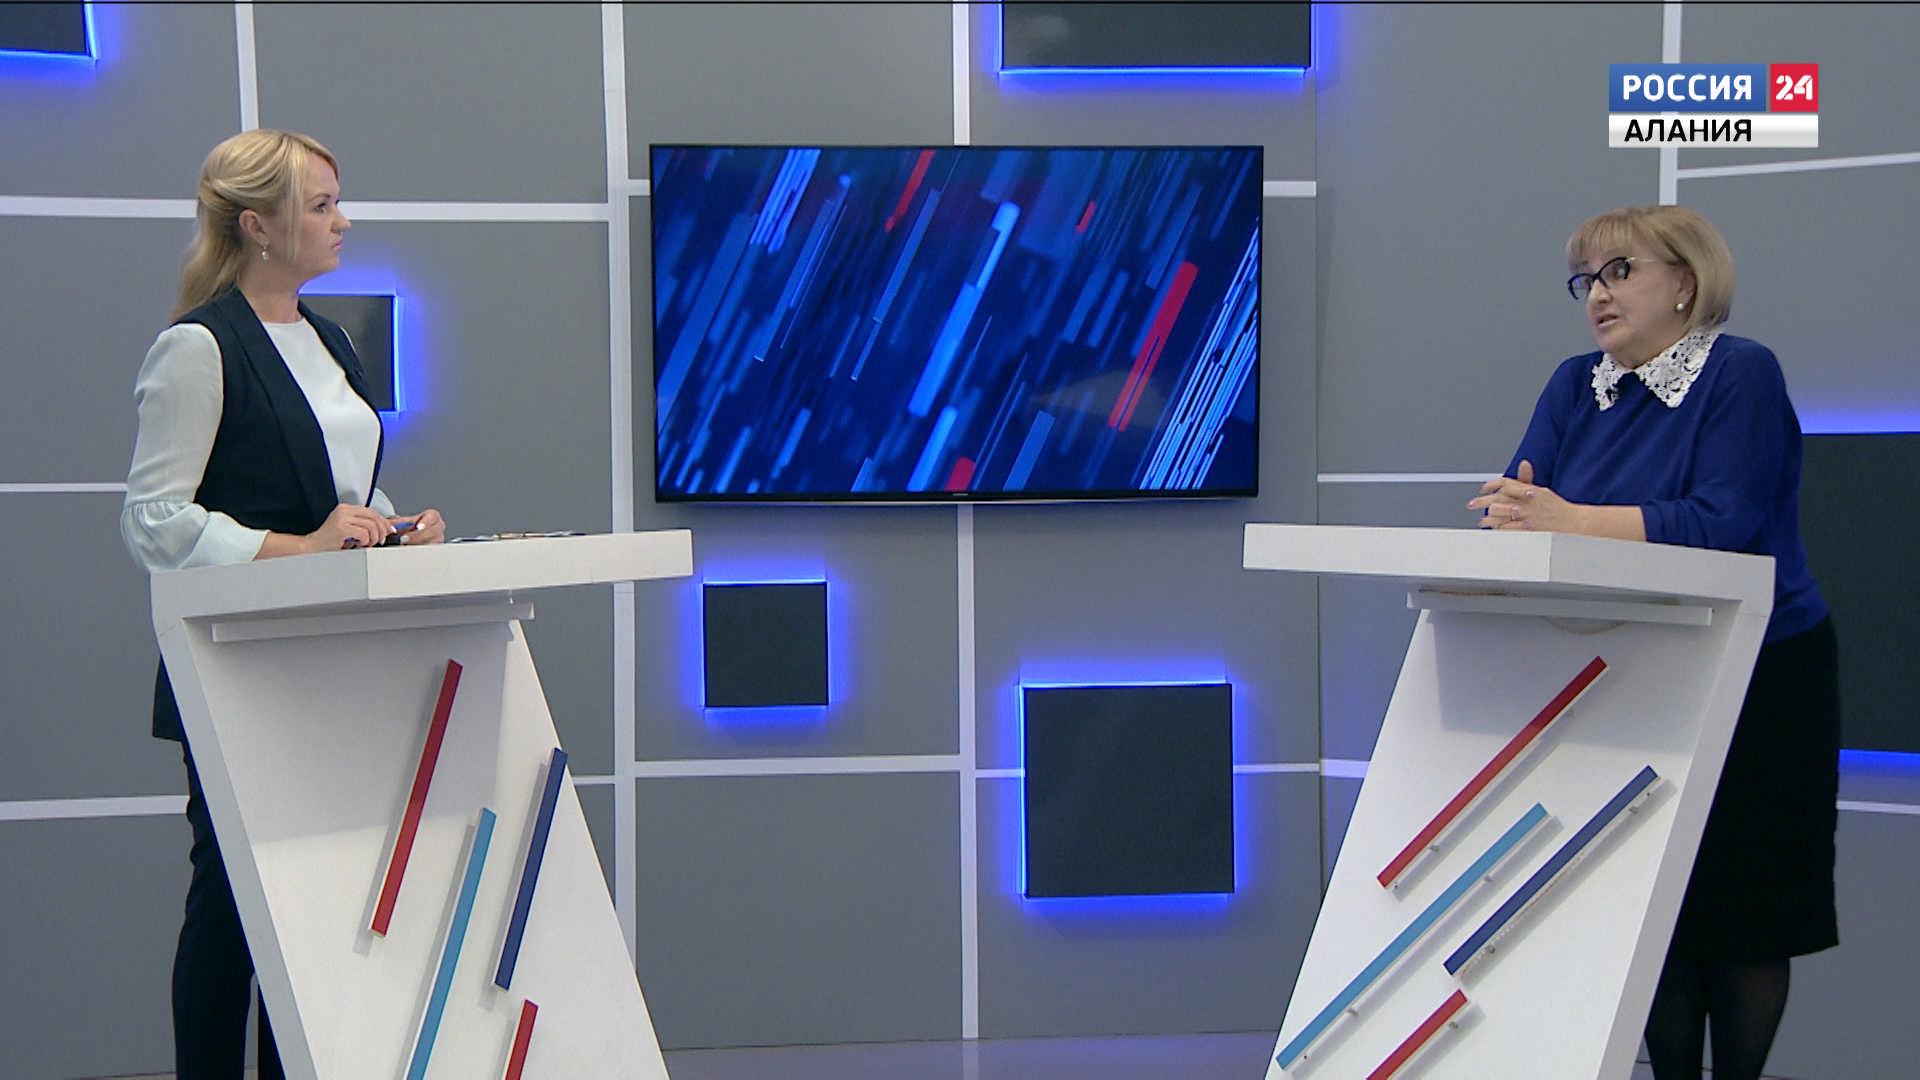 Россия 24. Обеспечение инвалидов современными протезами по линии ФСС